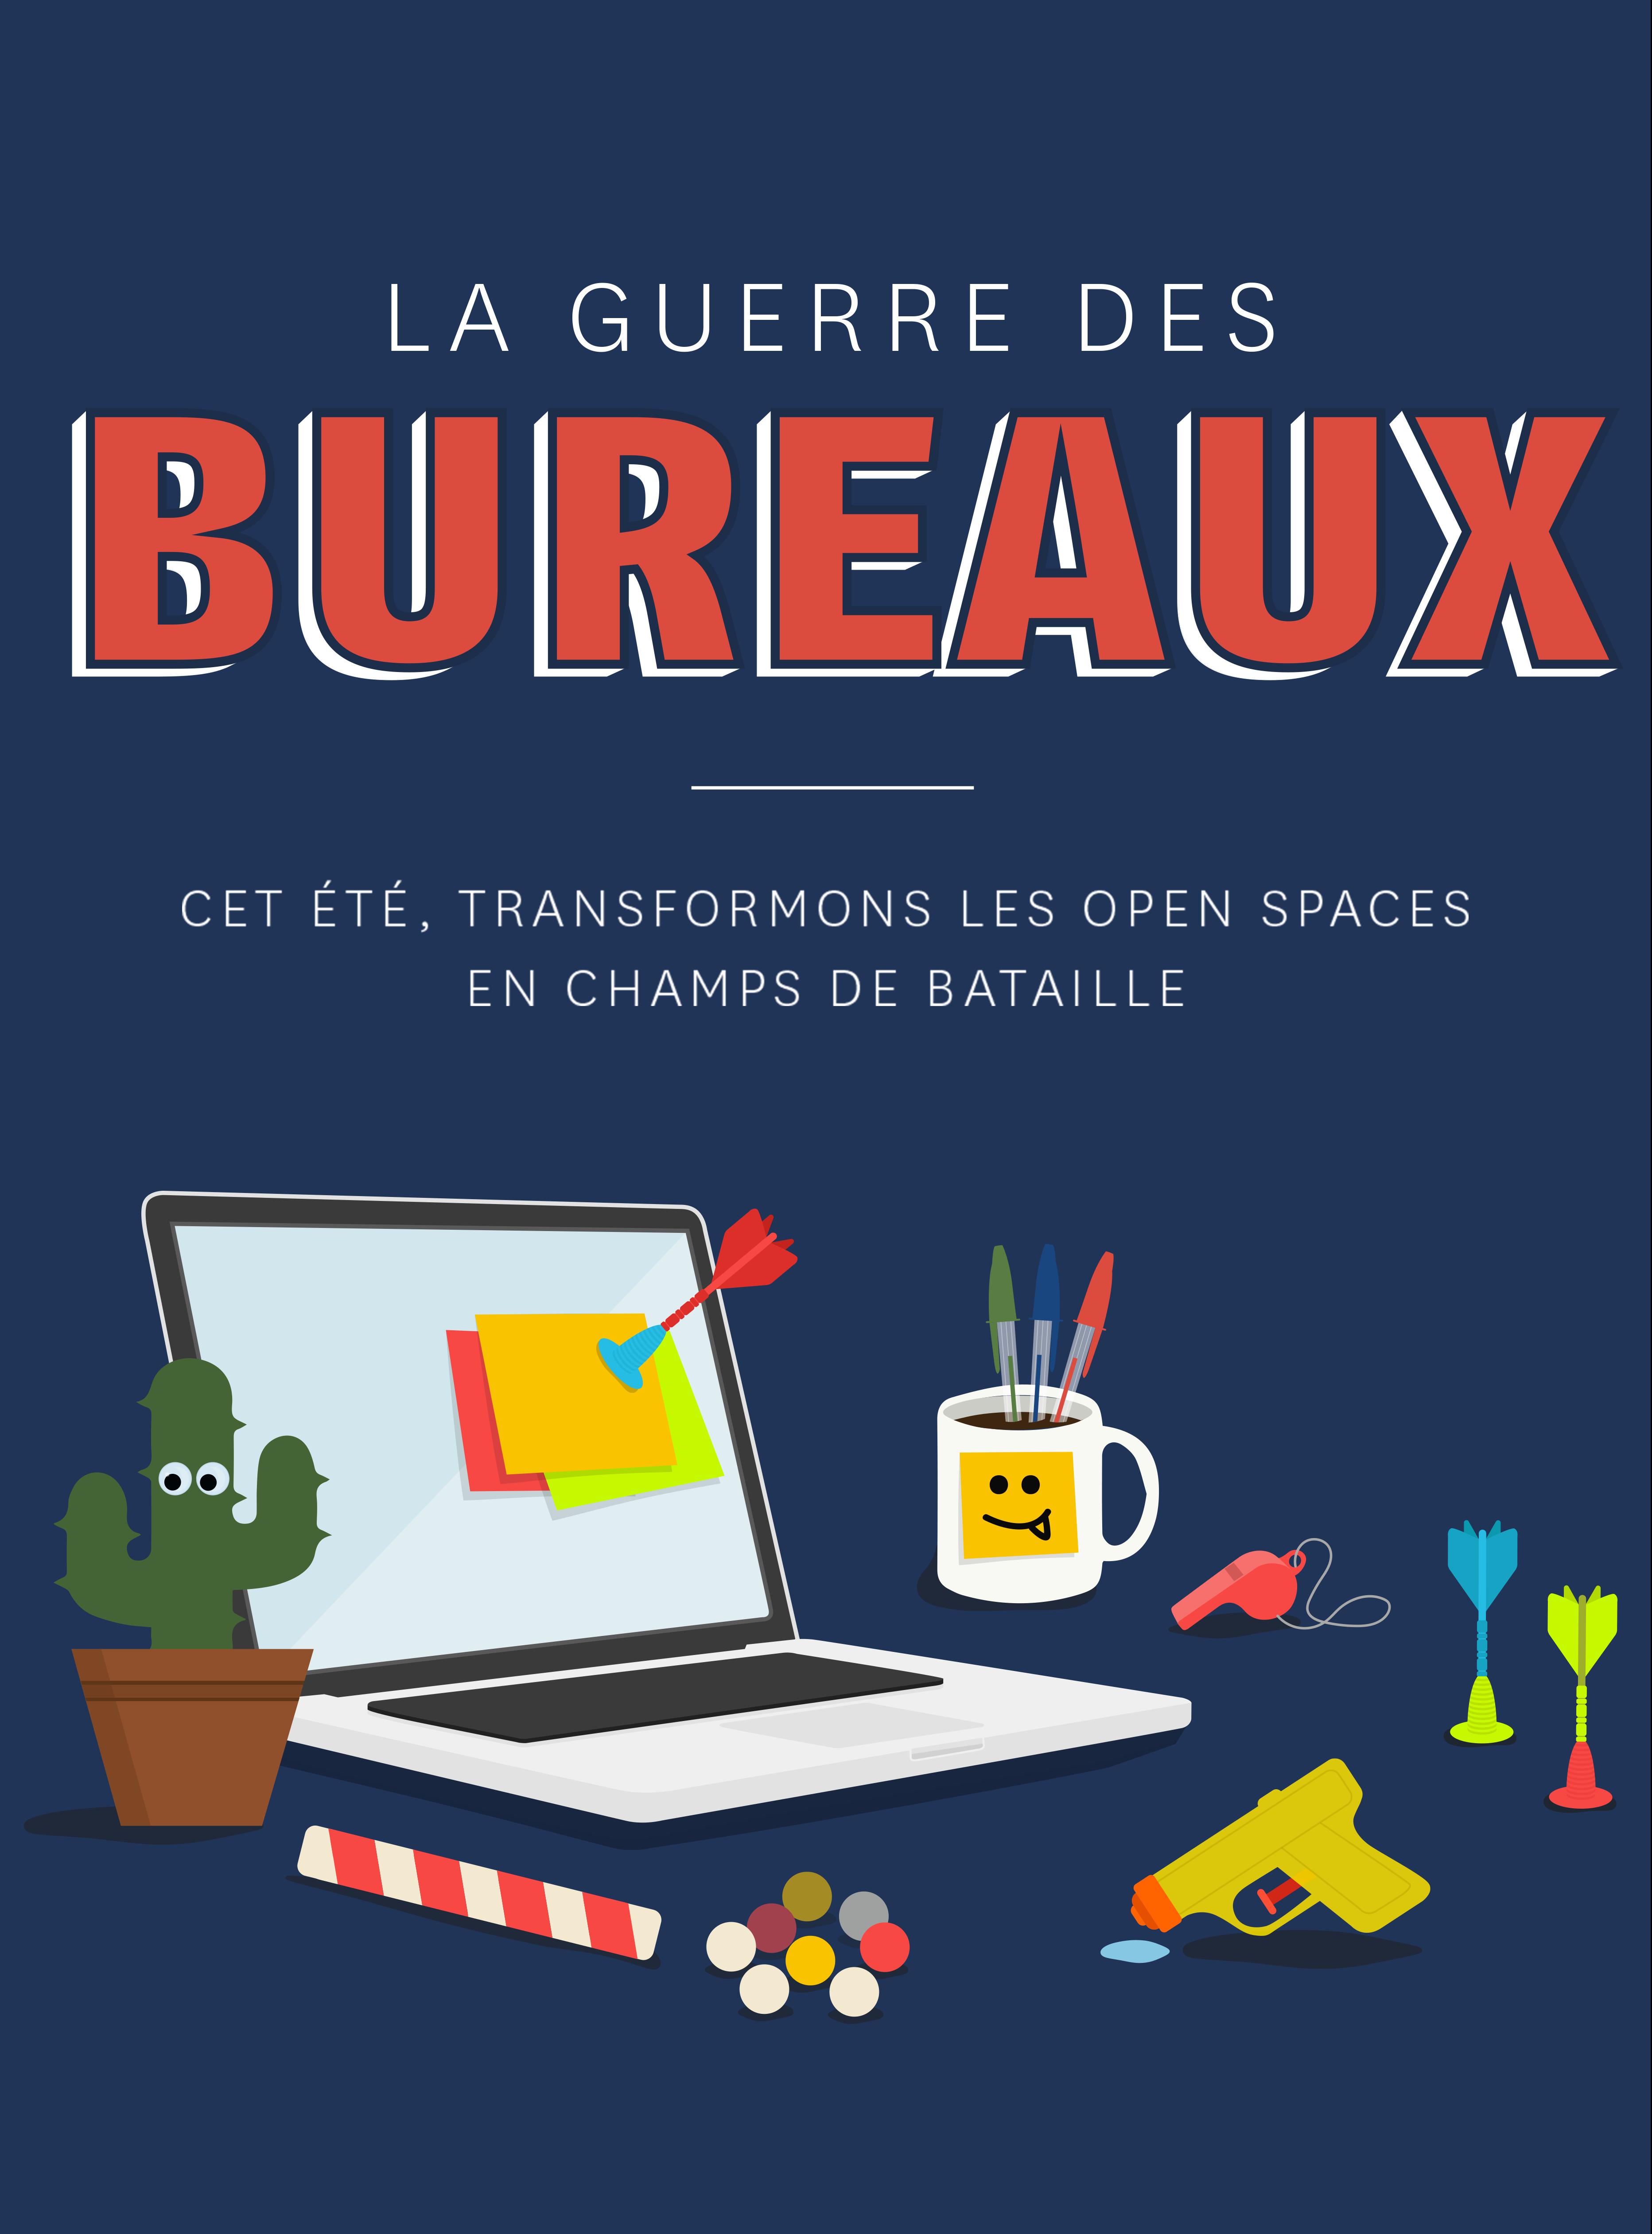 La Guerre des Bureaux